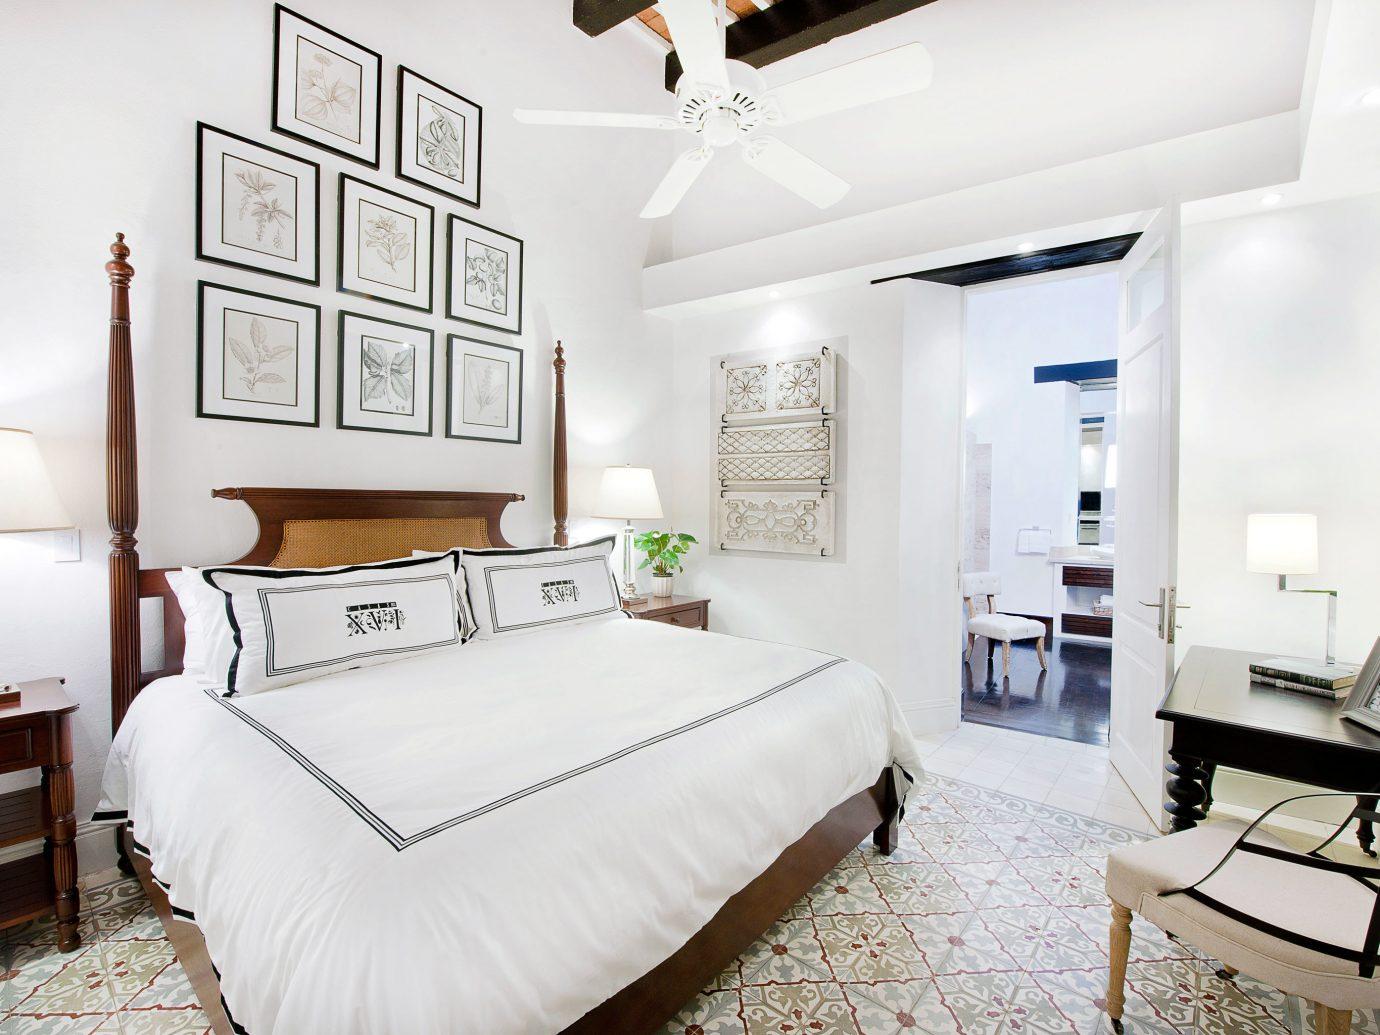 Casa Del XVI Bedroom In Santo Domingo